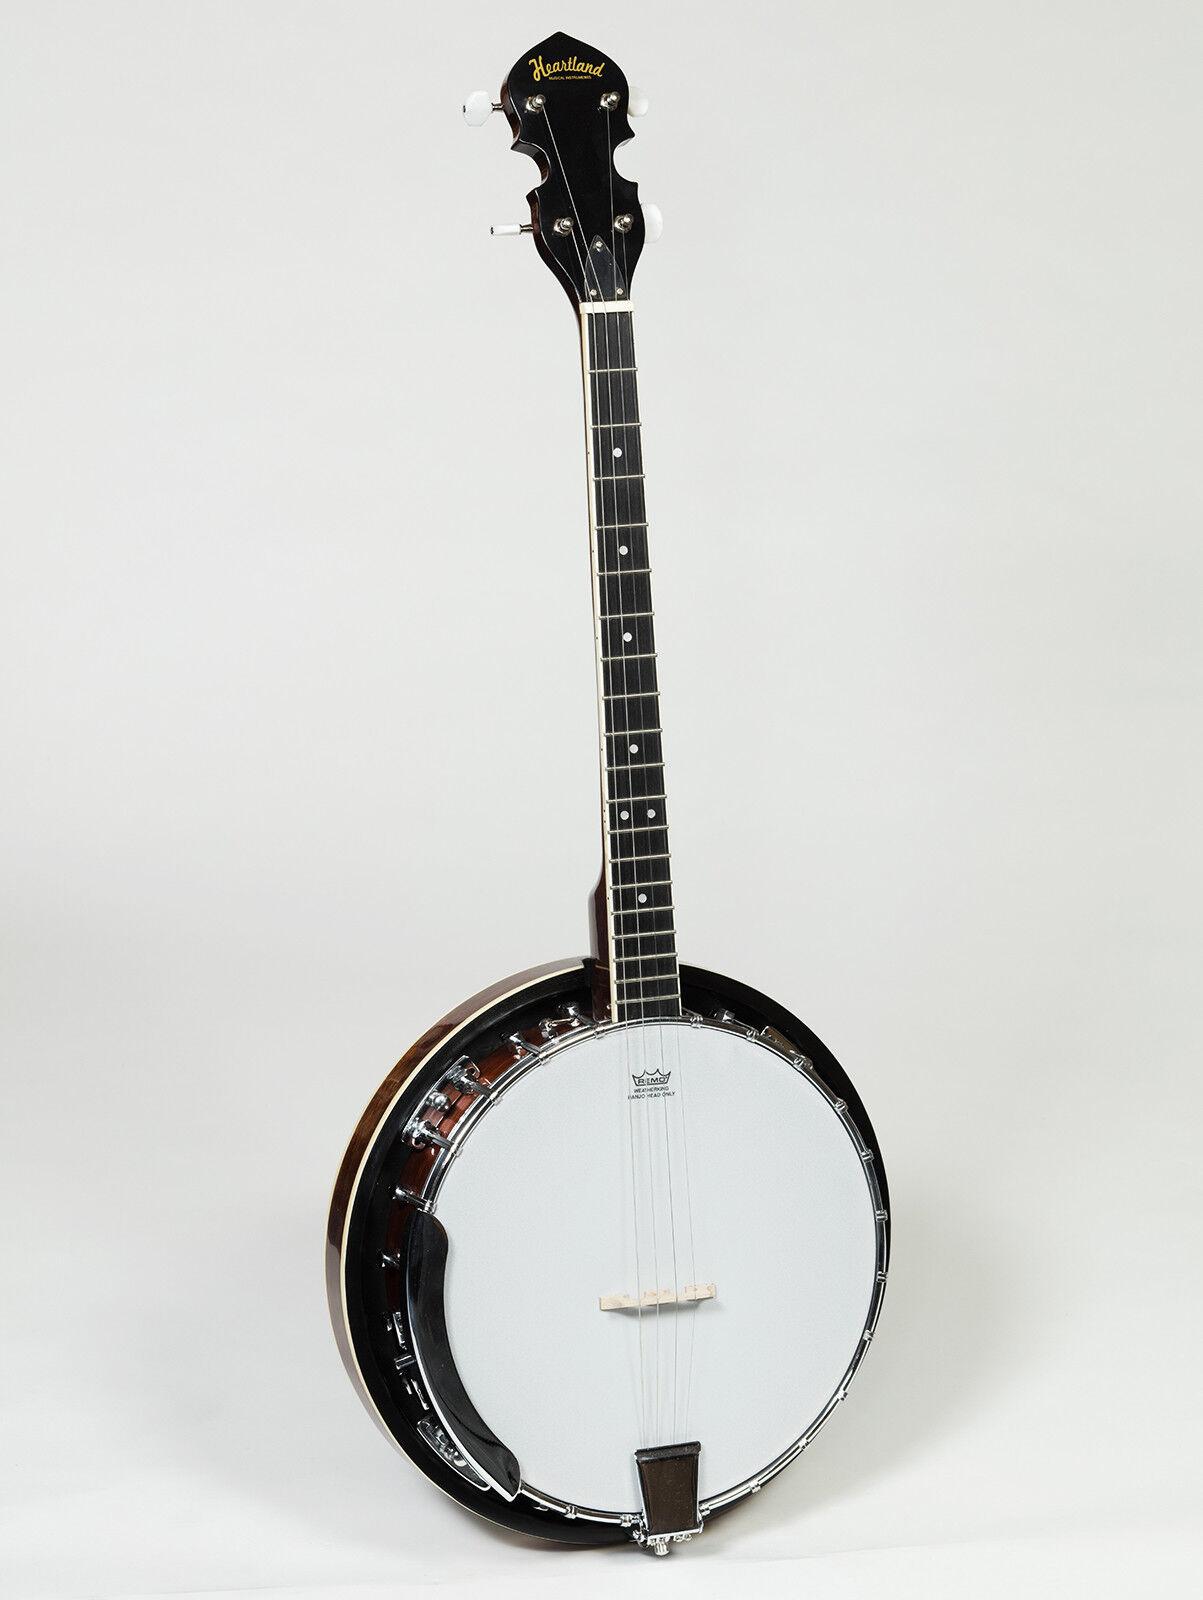 New Heartland Banjo, 5 String Banjo, 4 String tenor Banjo, Tenor Banjo With Case 4 Saiten Banjo